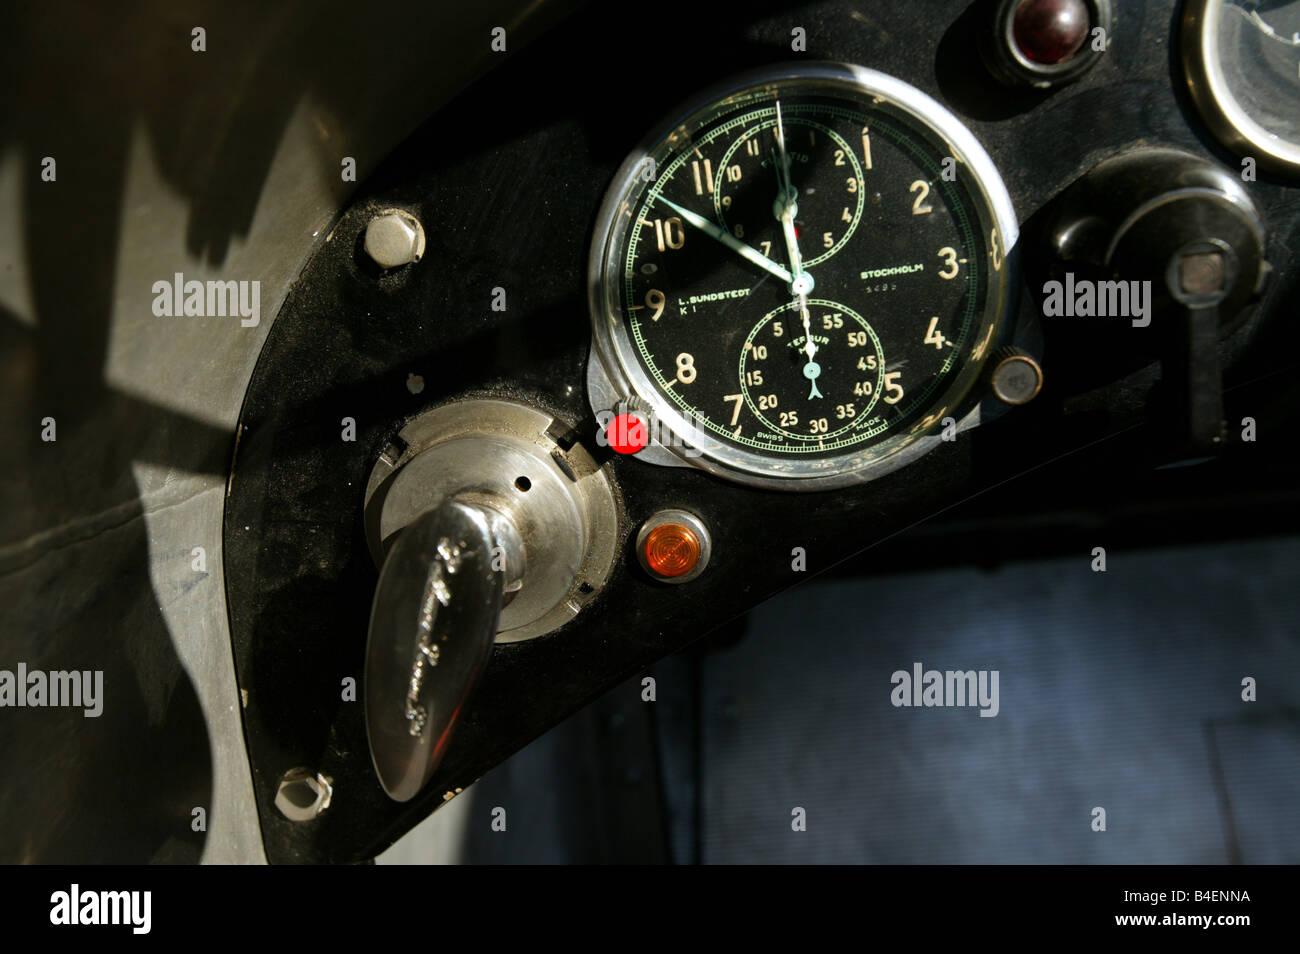 Auto, Oldtimer, Detail, details, Cockpit, Drehzahlmesser, Technik ...